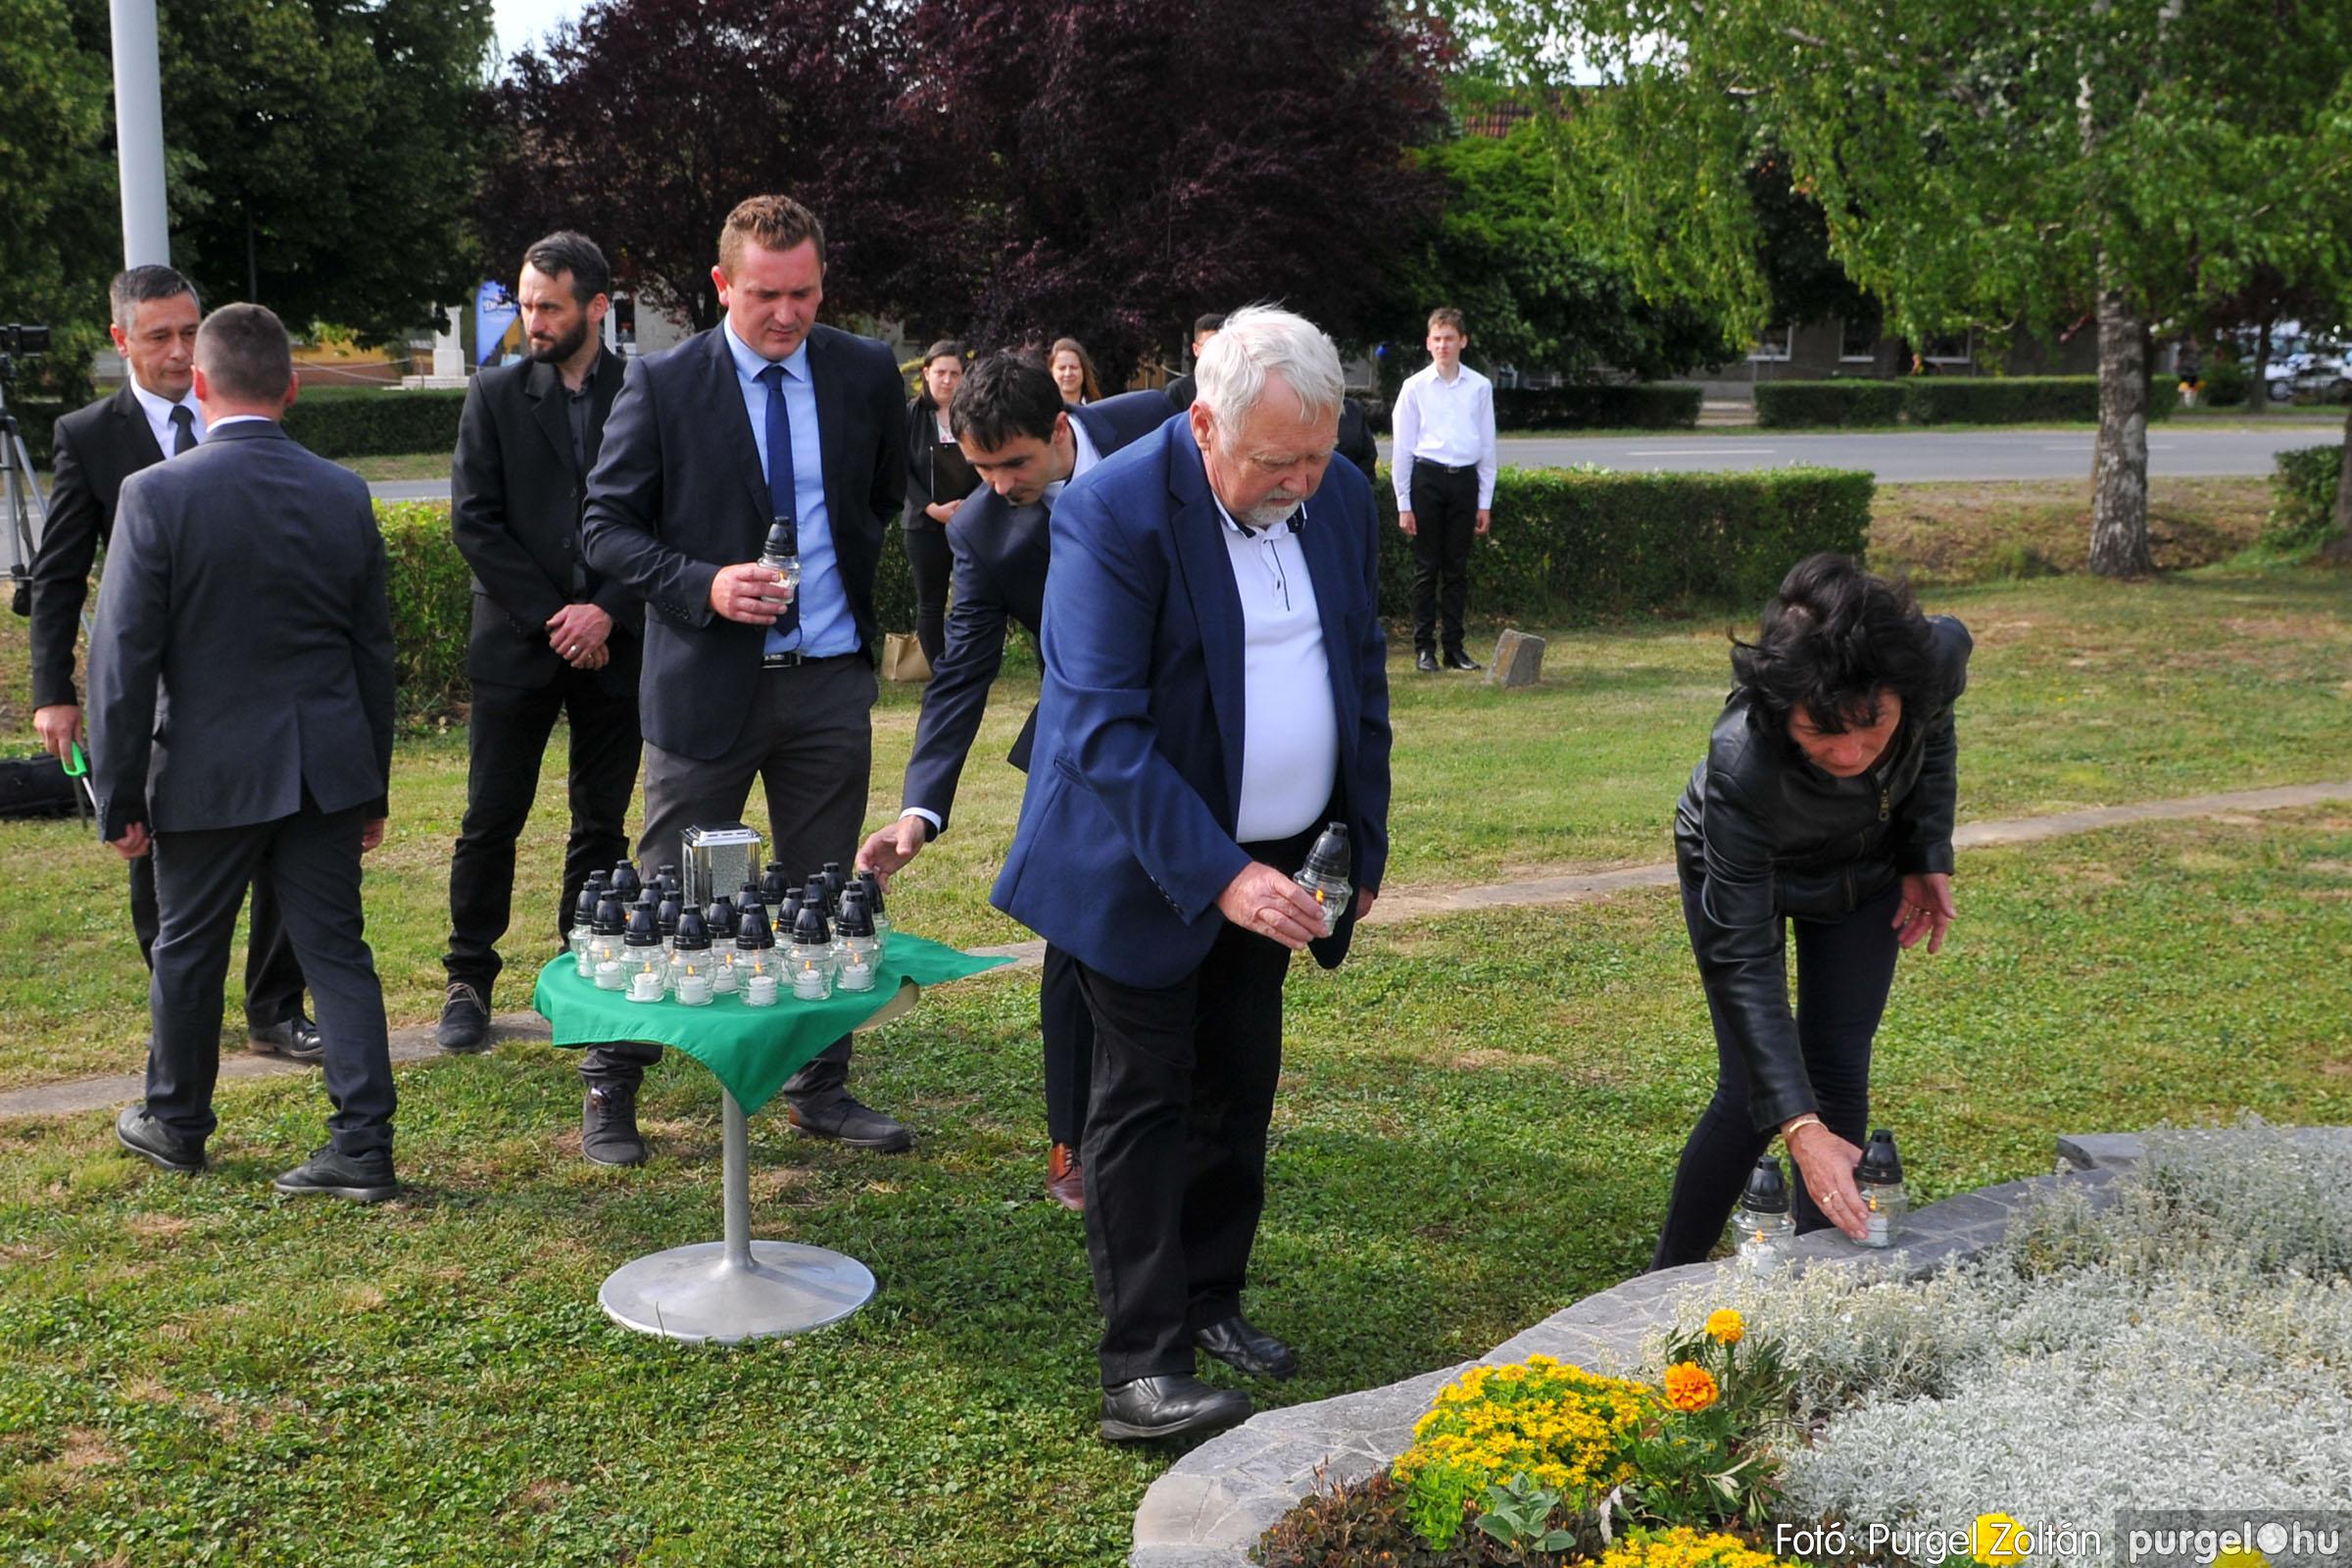 2020.06.04. 021 Trianon 100. évforduló, megemlékezés - Fotó: Purgel Zoltán© - D3K_7289q.jpg